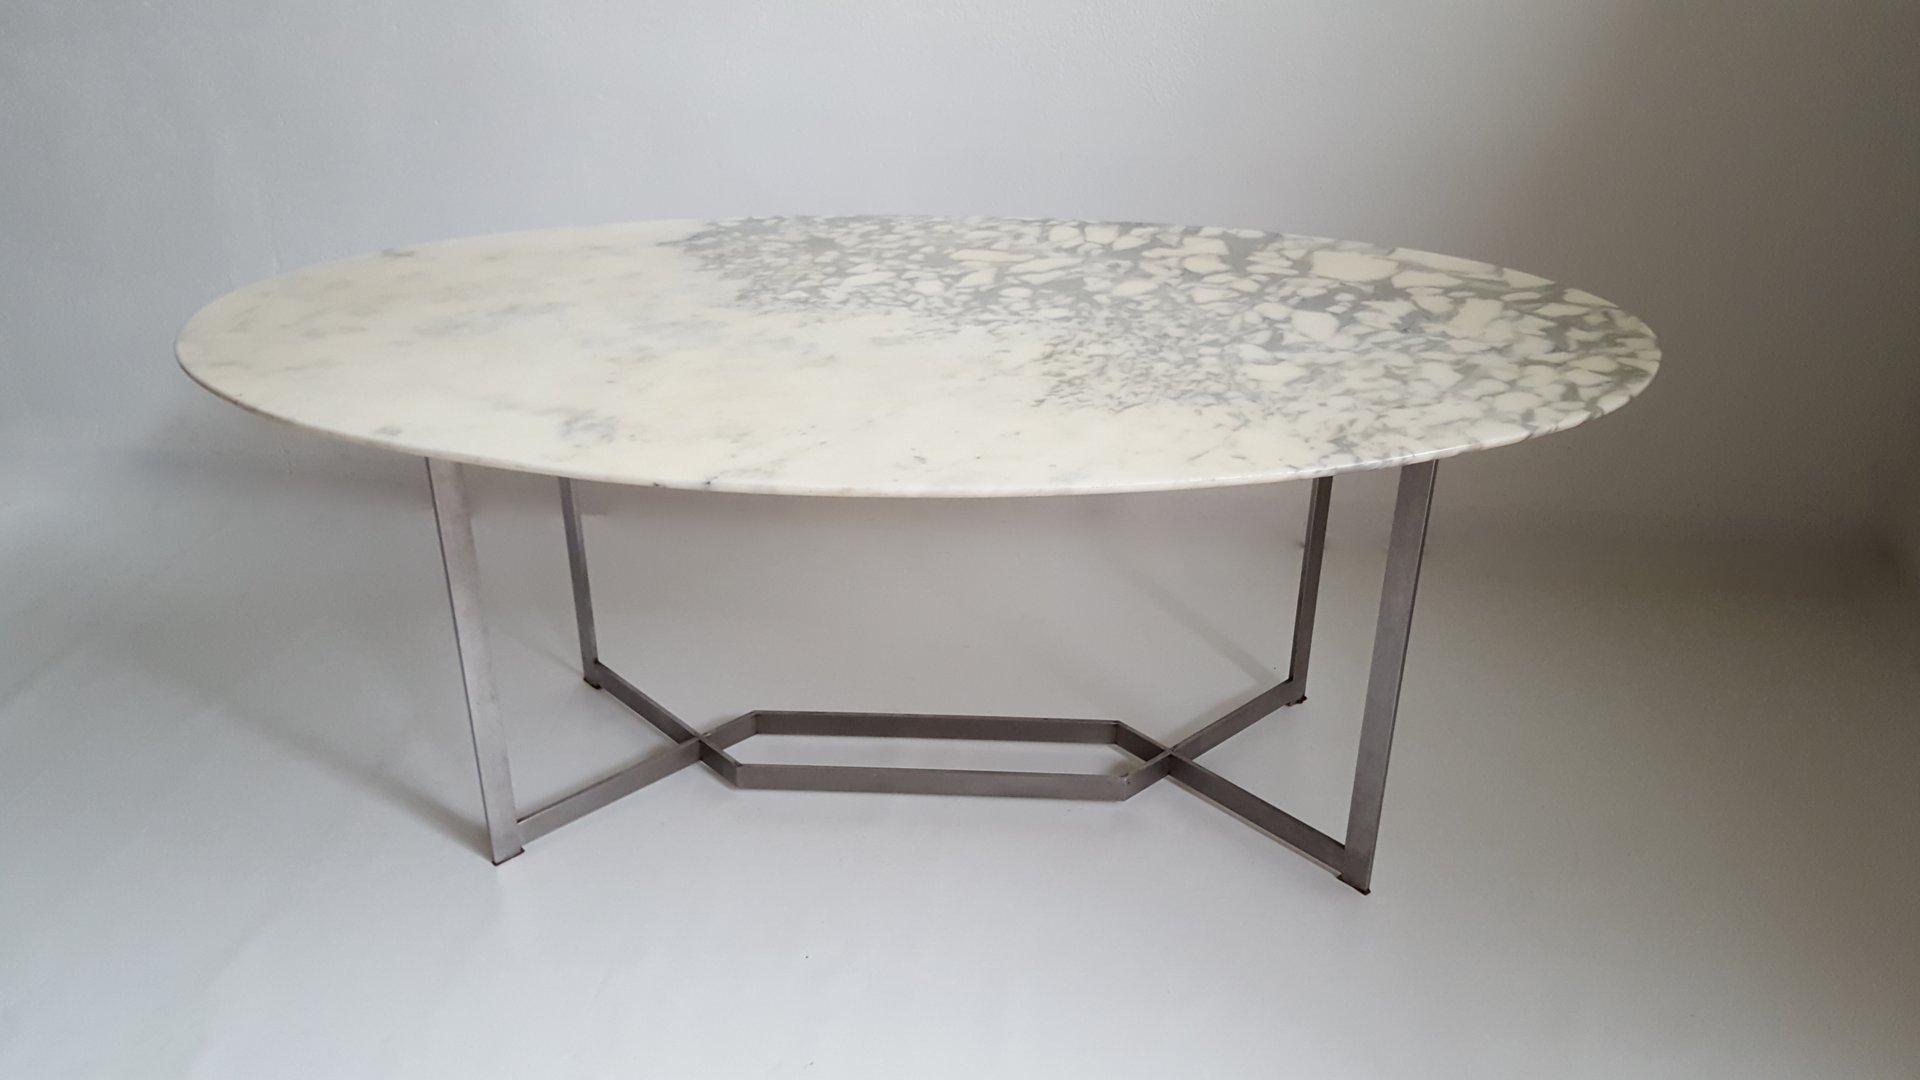 franz sischer ovaler marmor edelstahl esstisch von paul. Black Bedroom Furniture Sets. Home Design Ideas